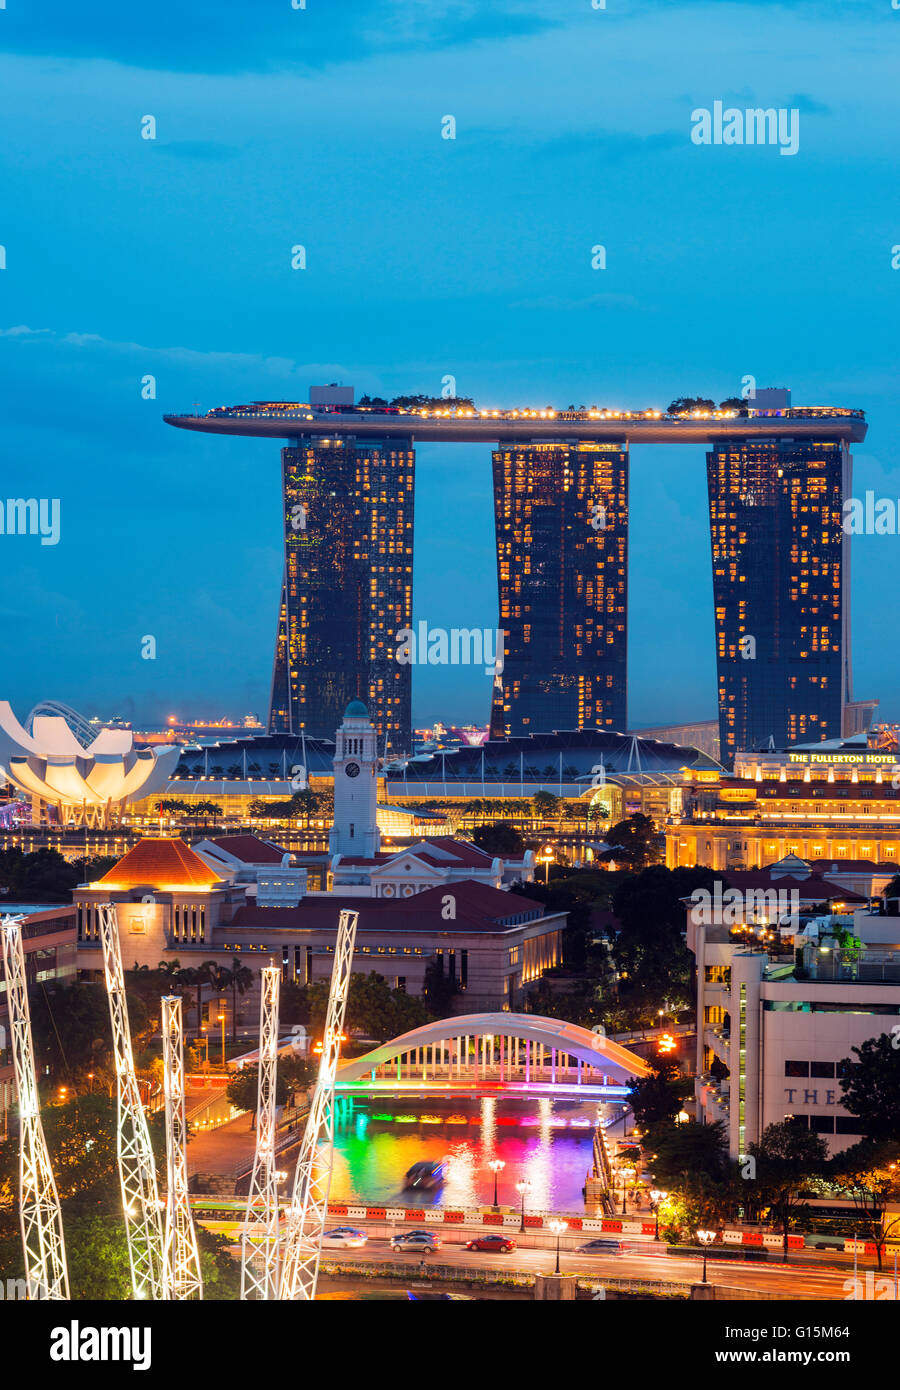 Clarke Quay und Marina Bay Sands Hotel und Casino, Singapur, Südostasien, Asien Stockbild